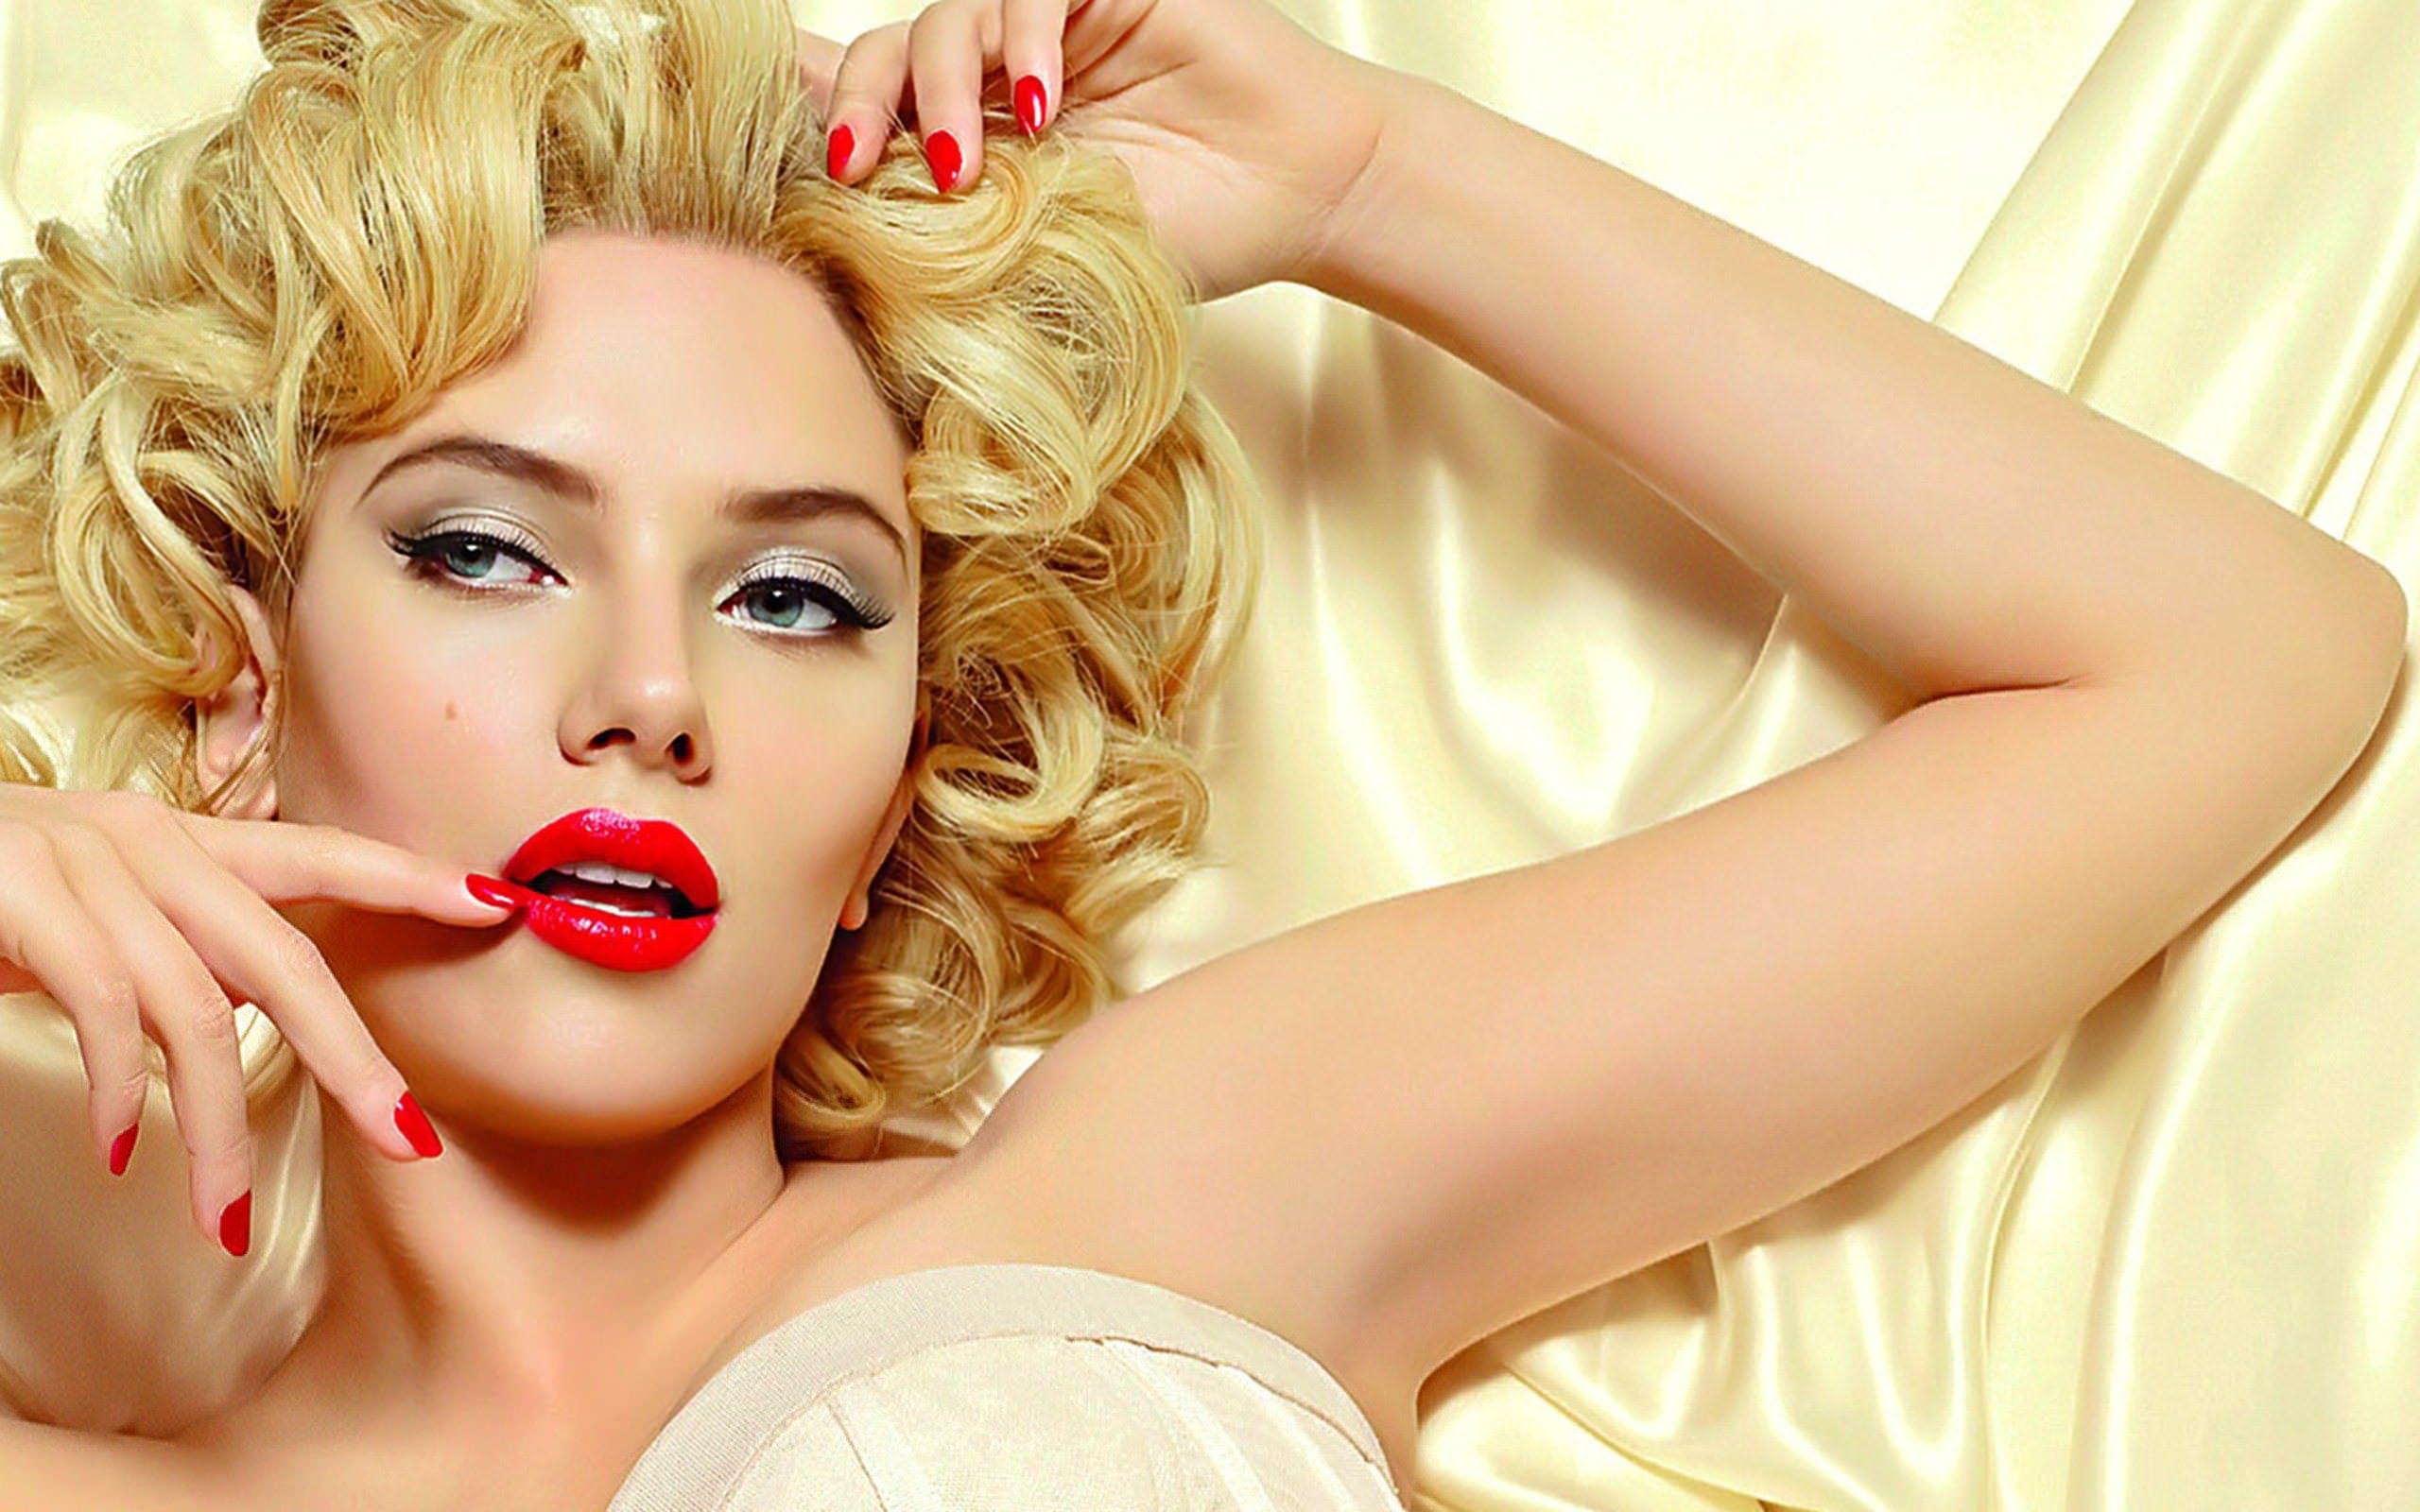 Сексуальный макияж для блондинок фото 12 фотография